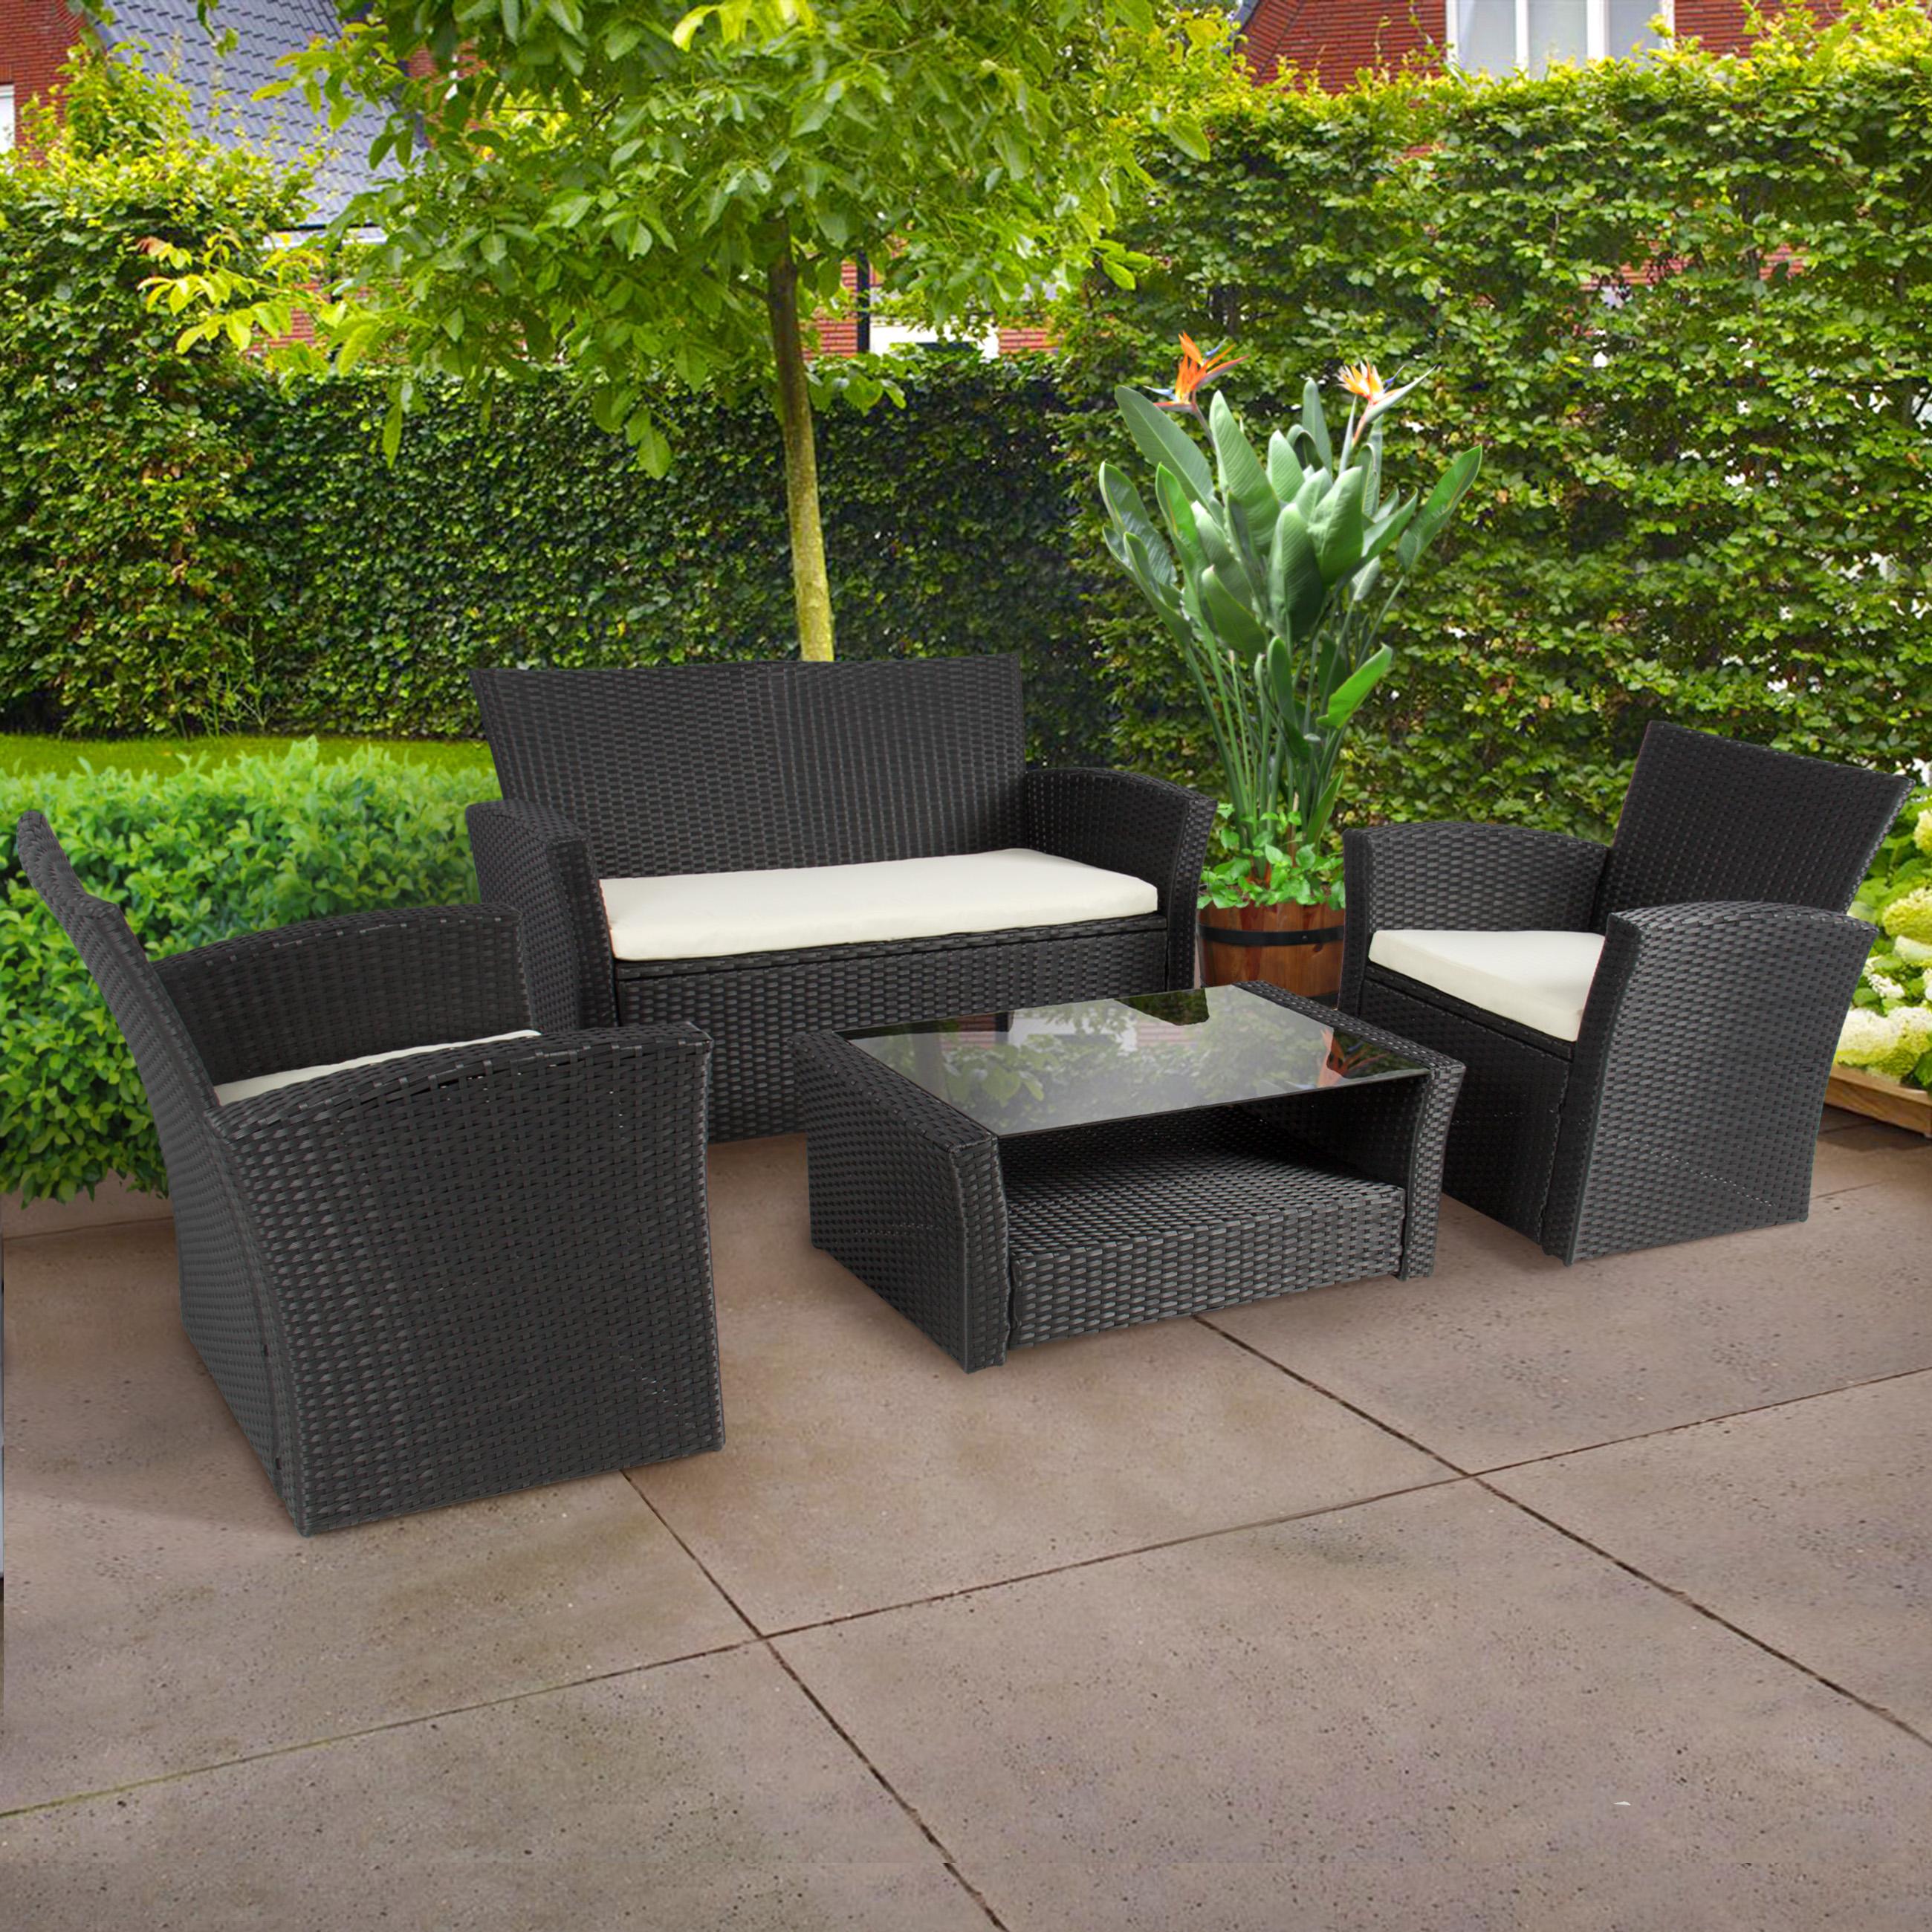 garden furniture set  61